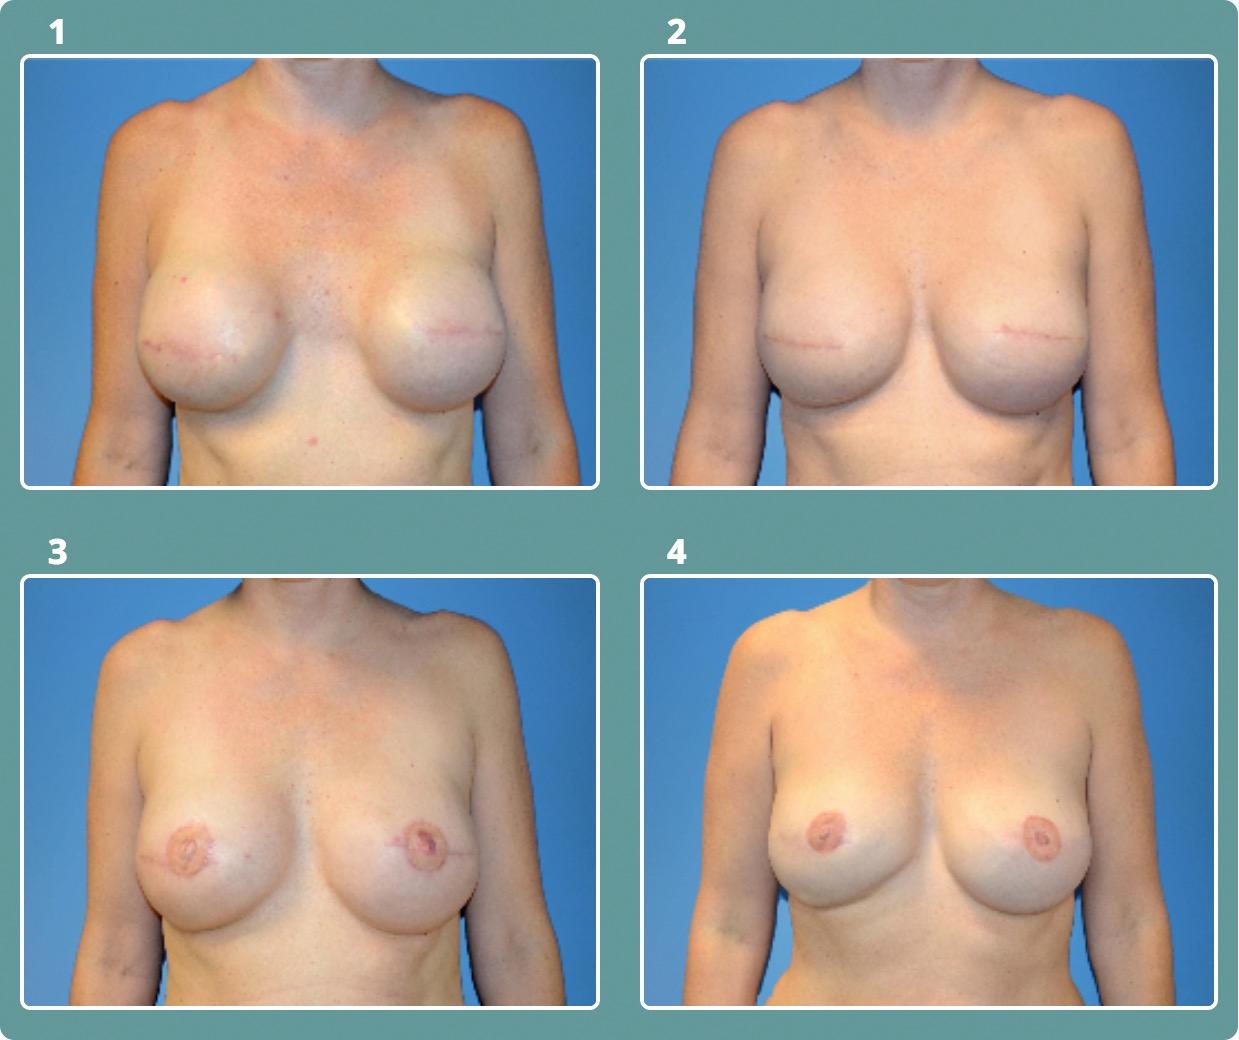 Patient 3, stages 1-4